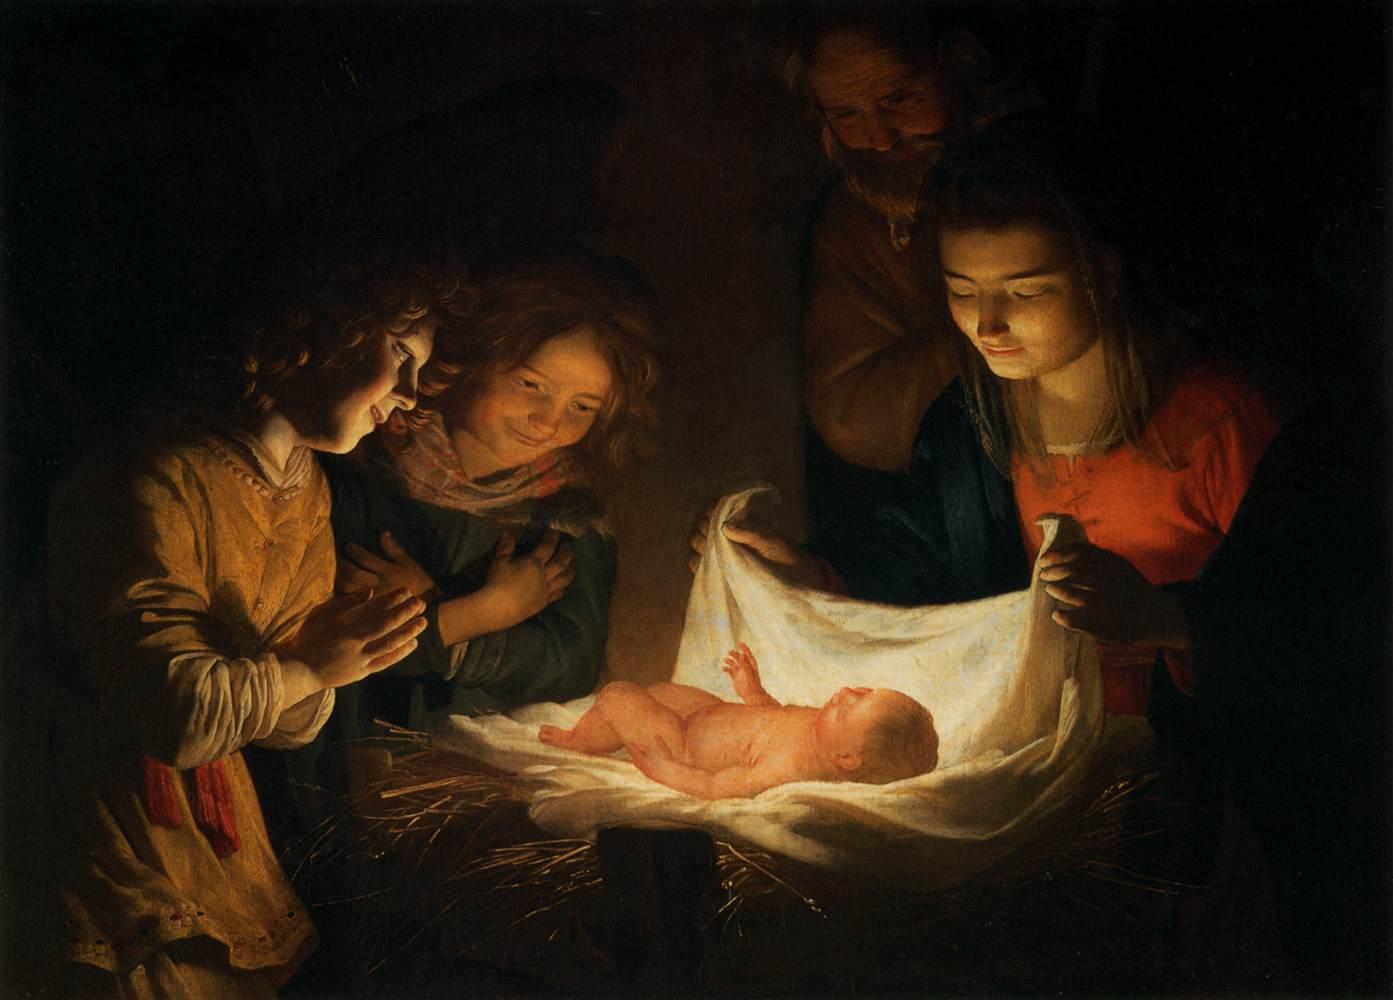 Adoration enfant Jésus prière linge Gerard van Honthorst